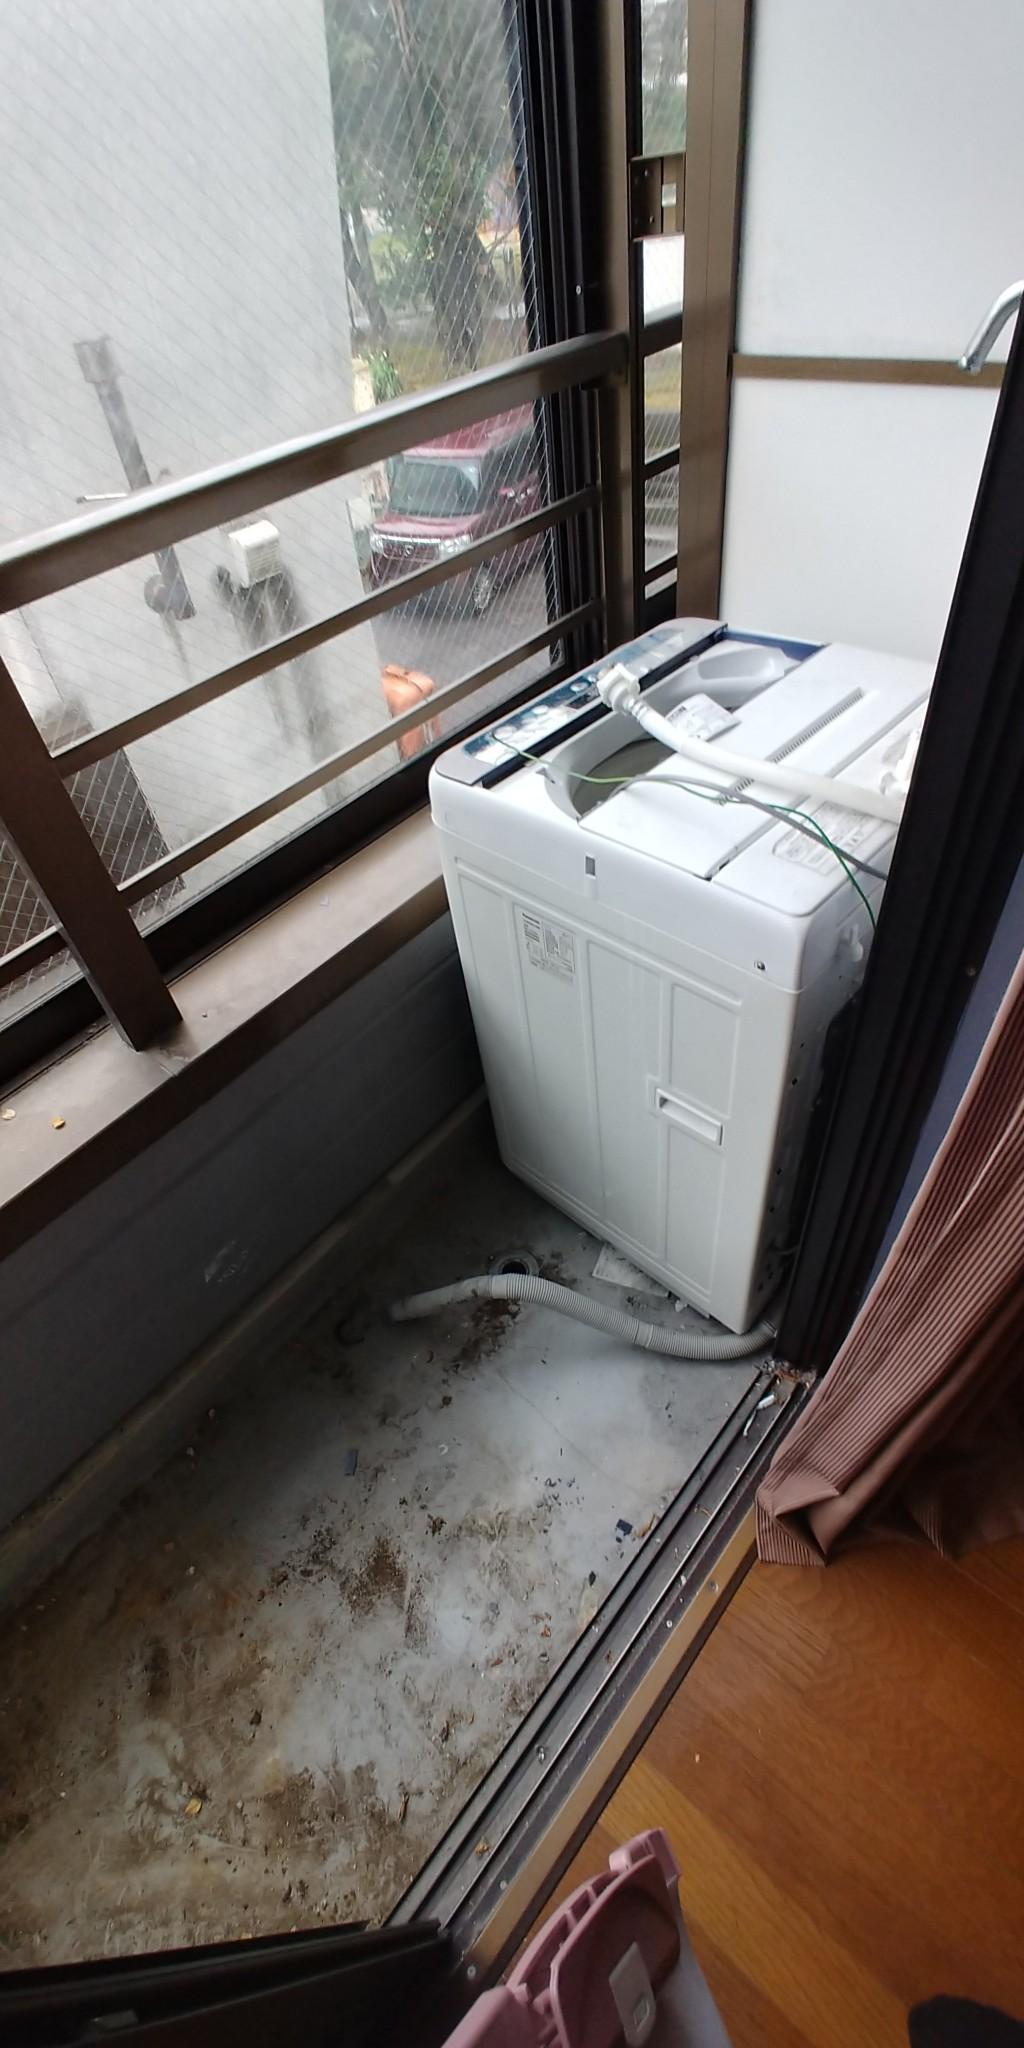 【富山市】洗濯機の回収☆希望日で回収してくれたと喜んでいただけました!